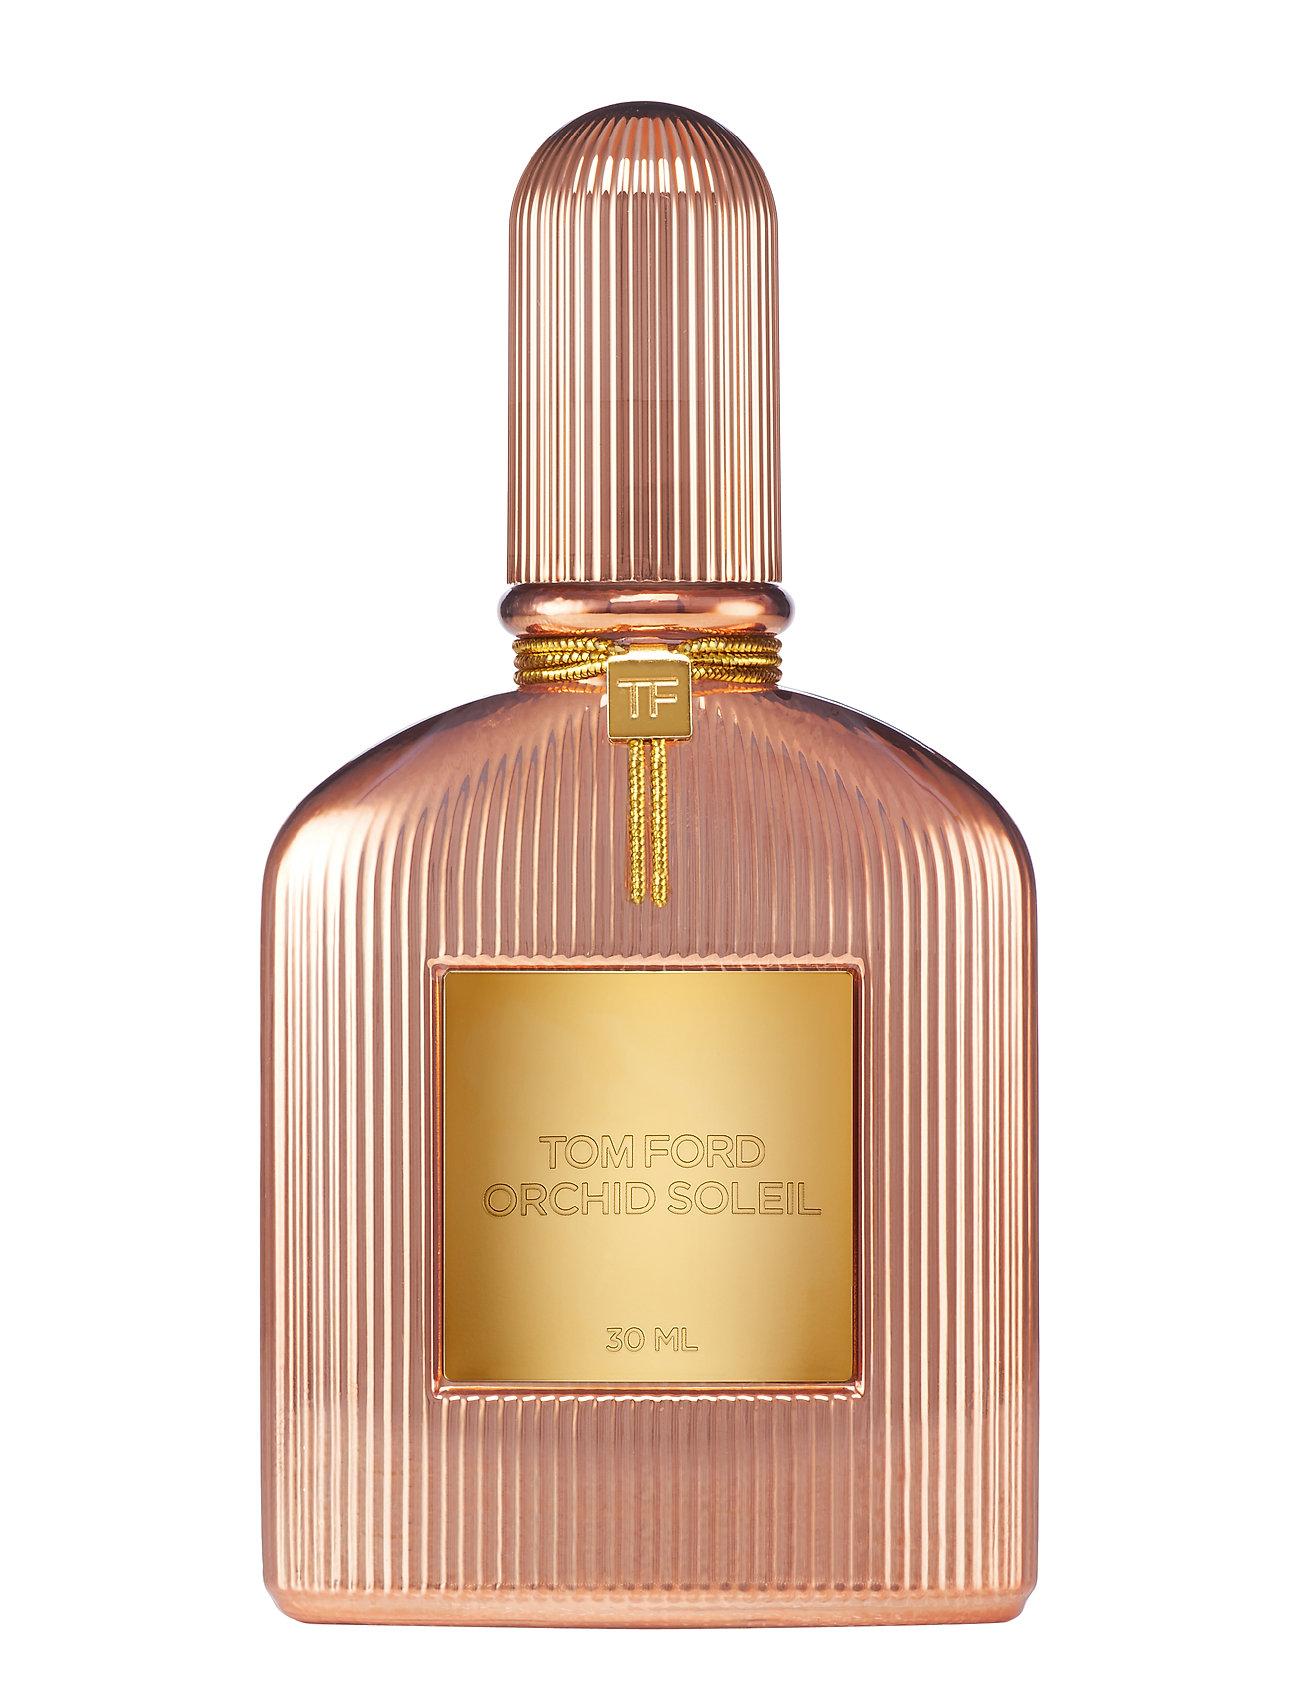 Orchid soleil eau de parfum fra tom ford fra boozt.com dk